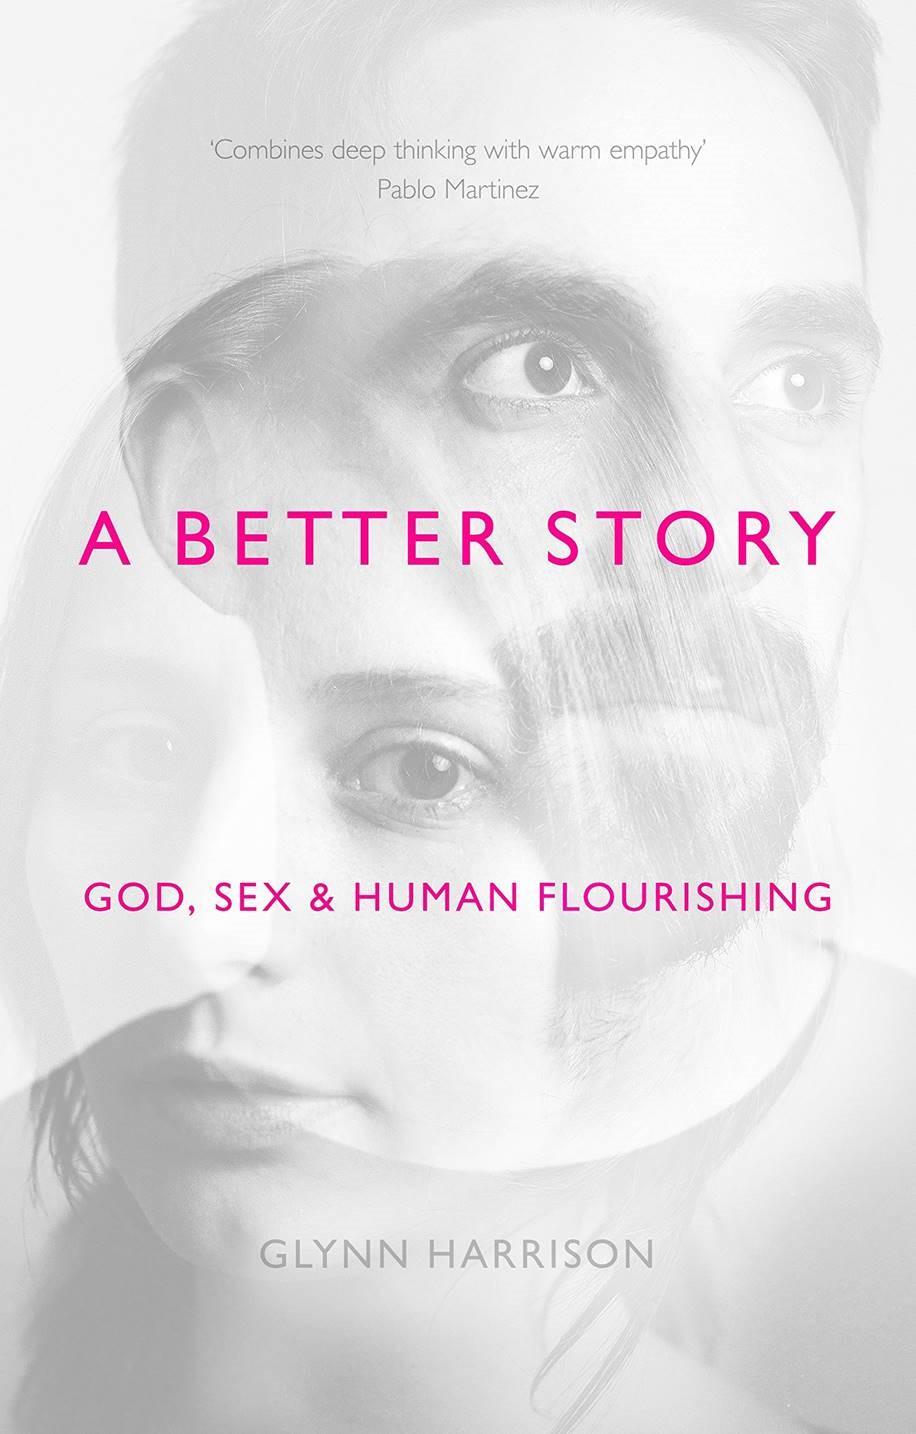 <b>Summer 2018</b><br><u>A better story</u> by Glynn Harrison